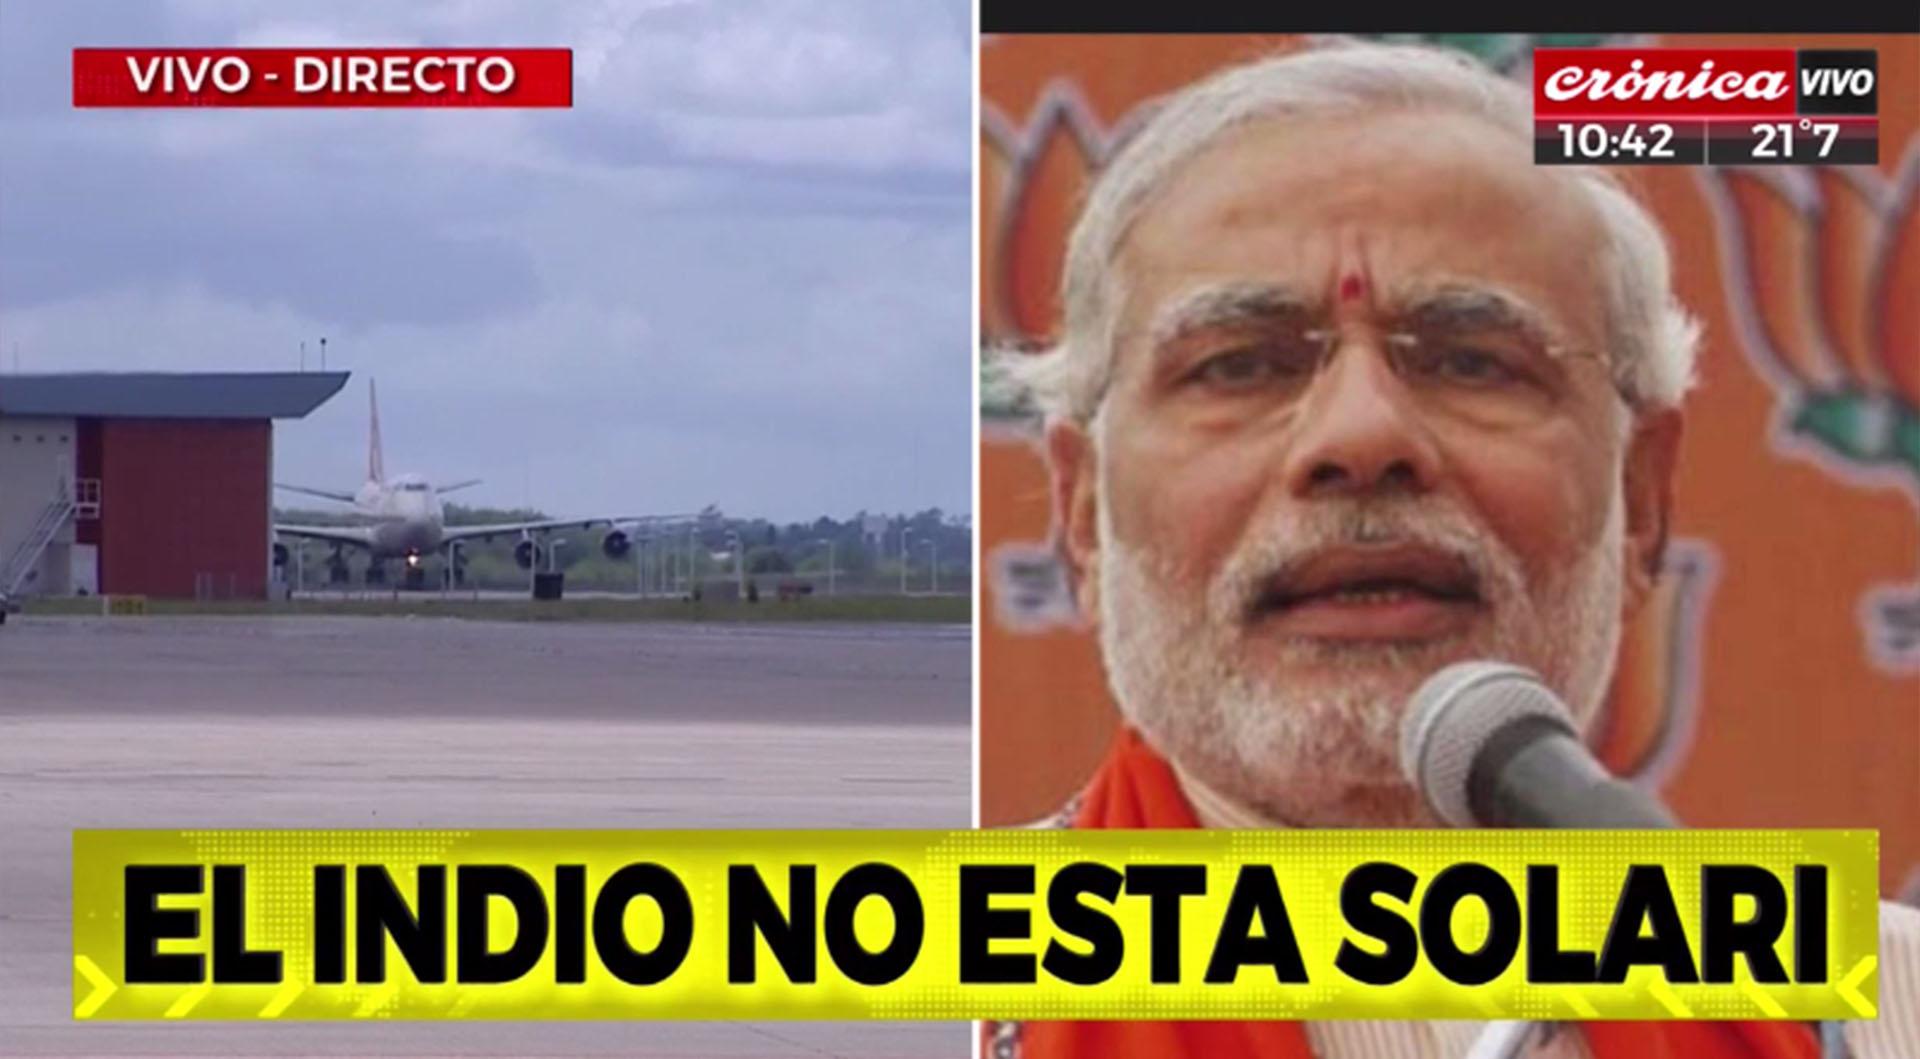 Broma de Crónica, haciendo alusión al Primer Ministro de India